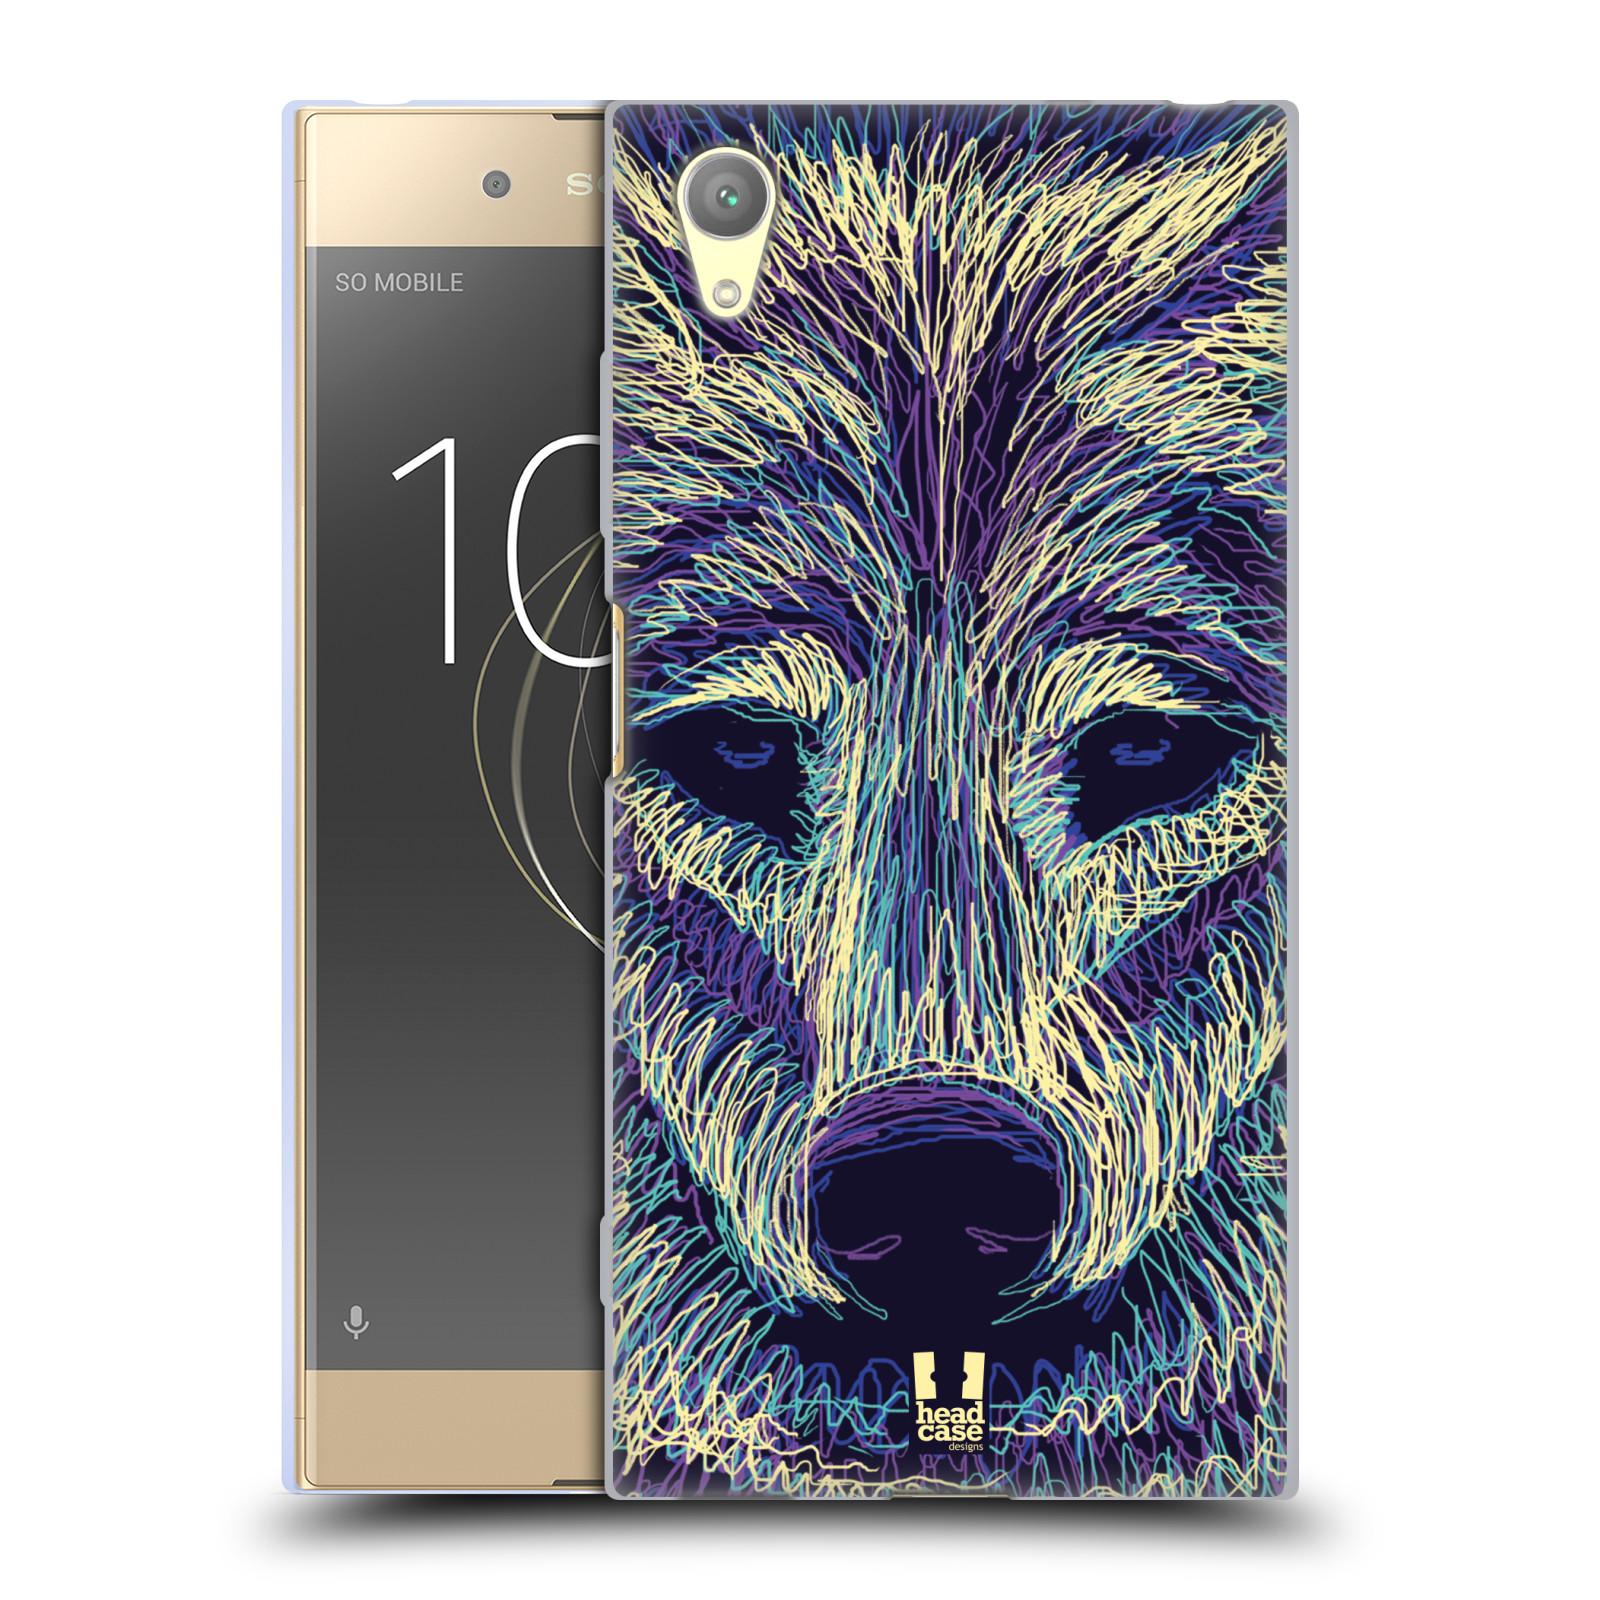 HEAD CASE silikonový obal na mobil Sony Xperia XA1 PLUS vzor zvíře čmáranice vlk